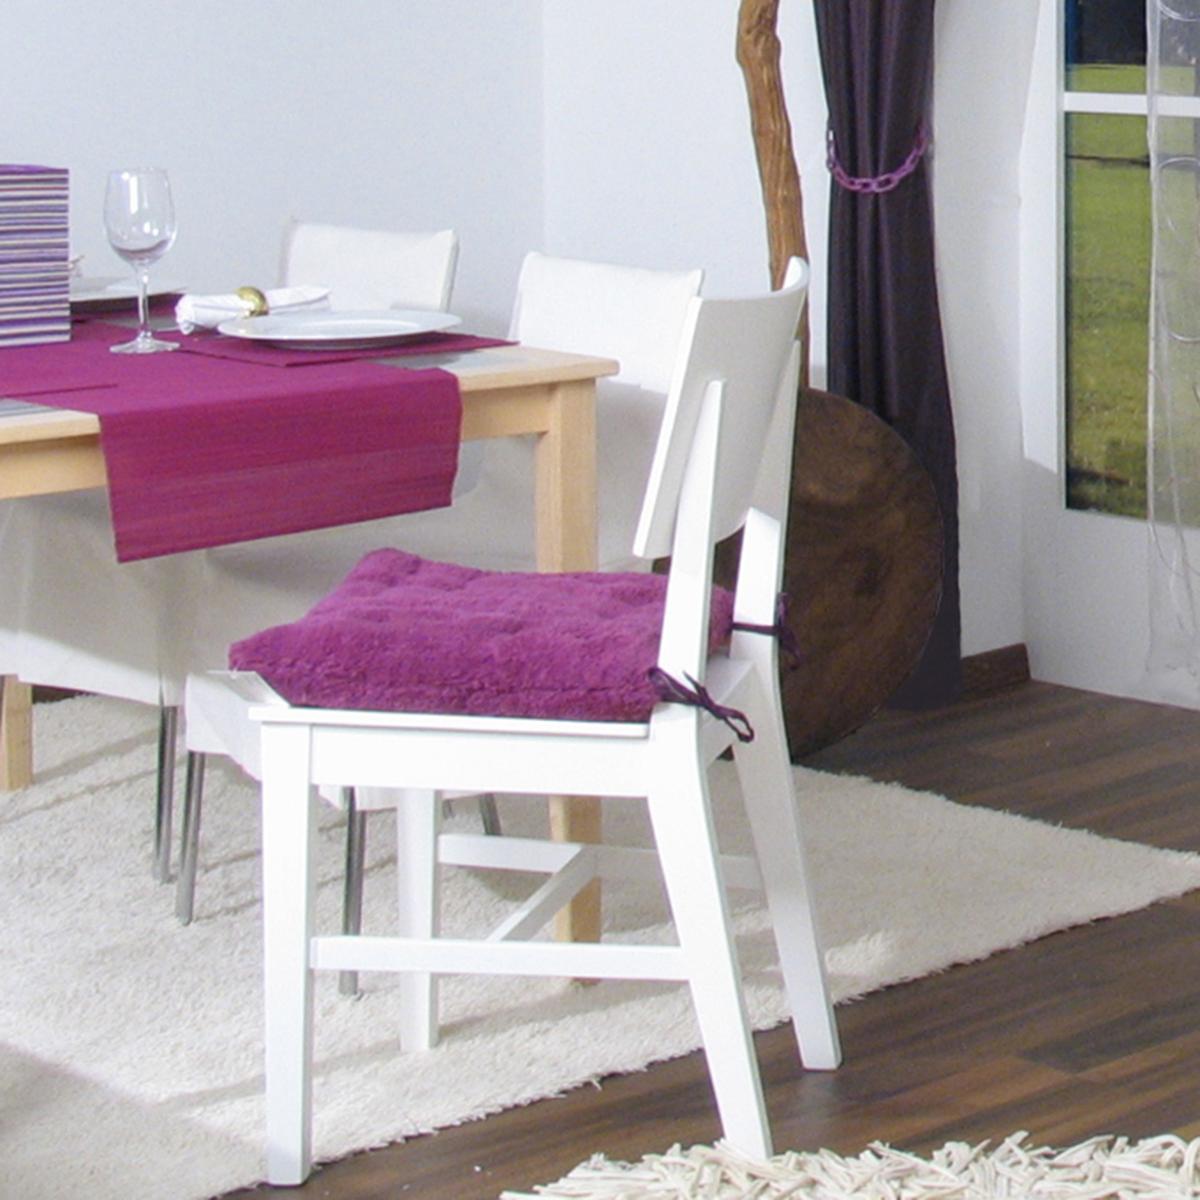 Лила Възглавница за стол 39×39 Plum purple